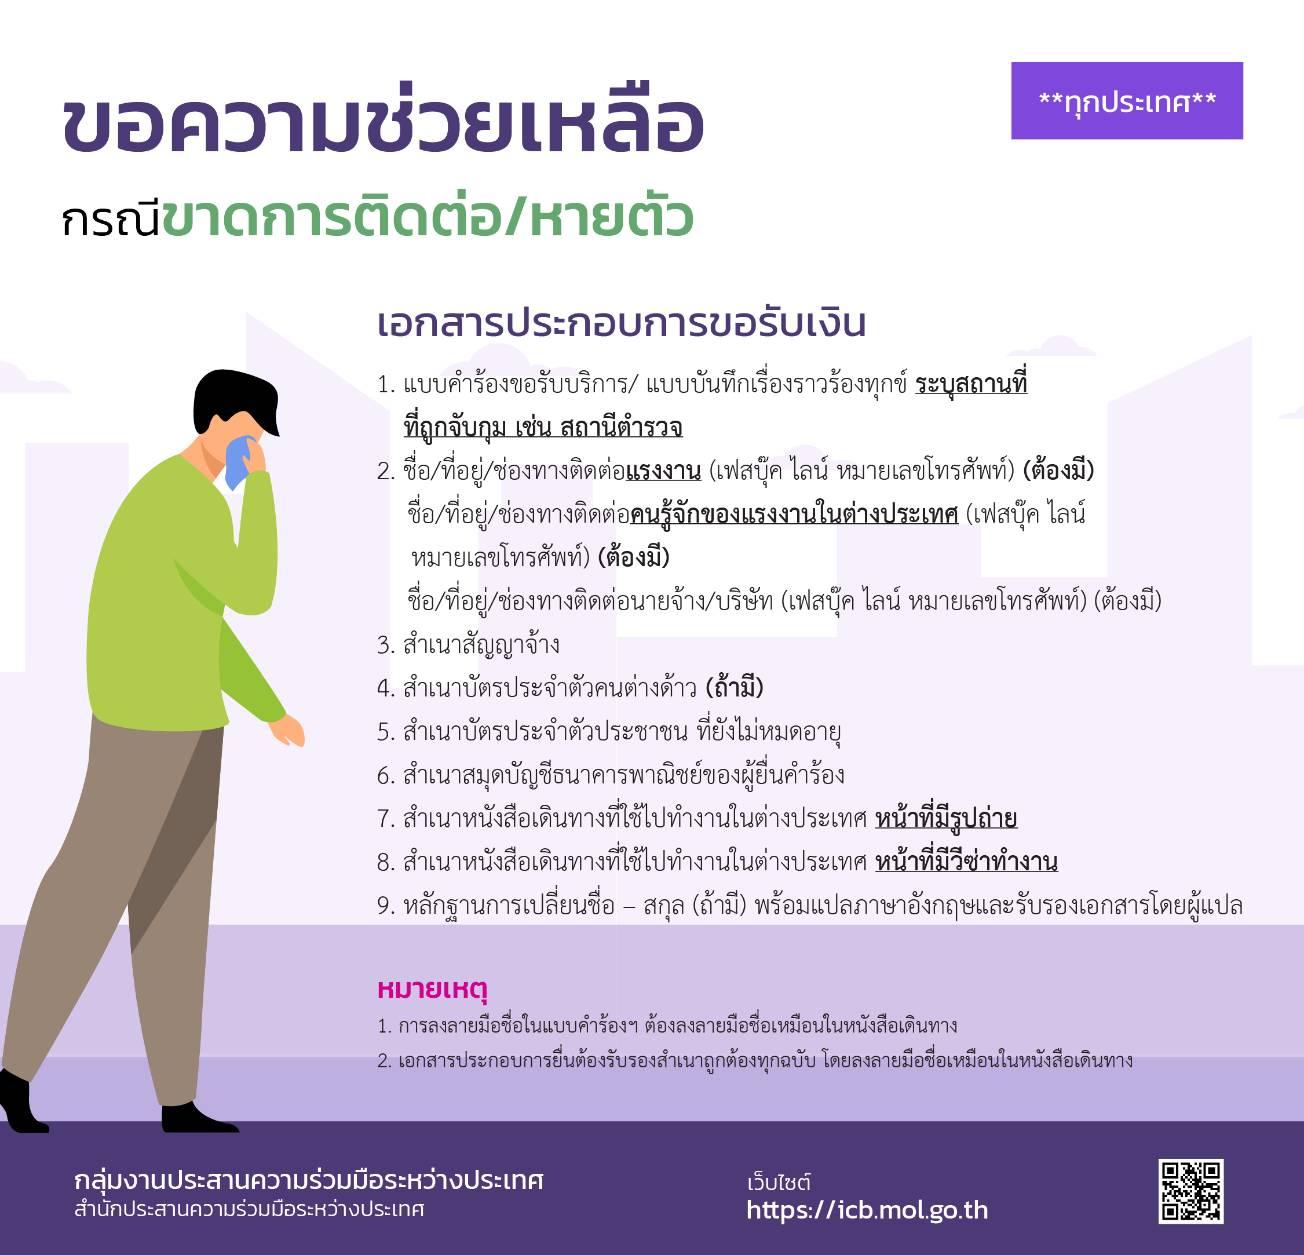 ประชาสัมพันธ์ข้อมูลสิทธิประโยชน์แรงงานไทยในต่างประเทศ และระบบตอบข้อมูลสิทธิประโยชน์แรงงานไทยในต่างประเทศ (Chatbot)